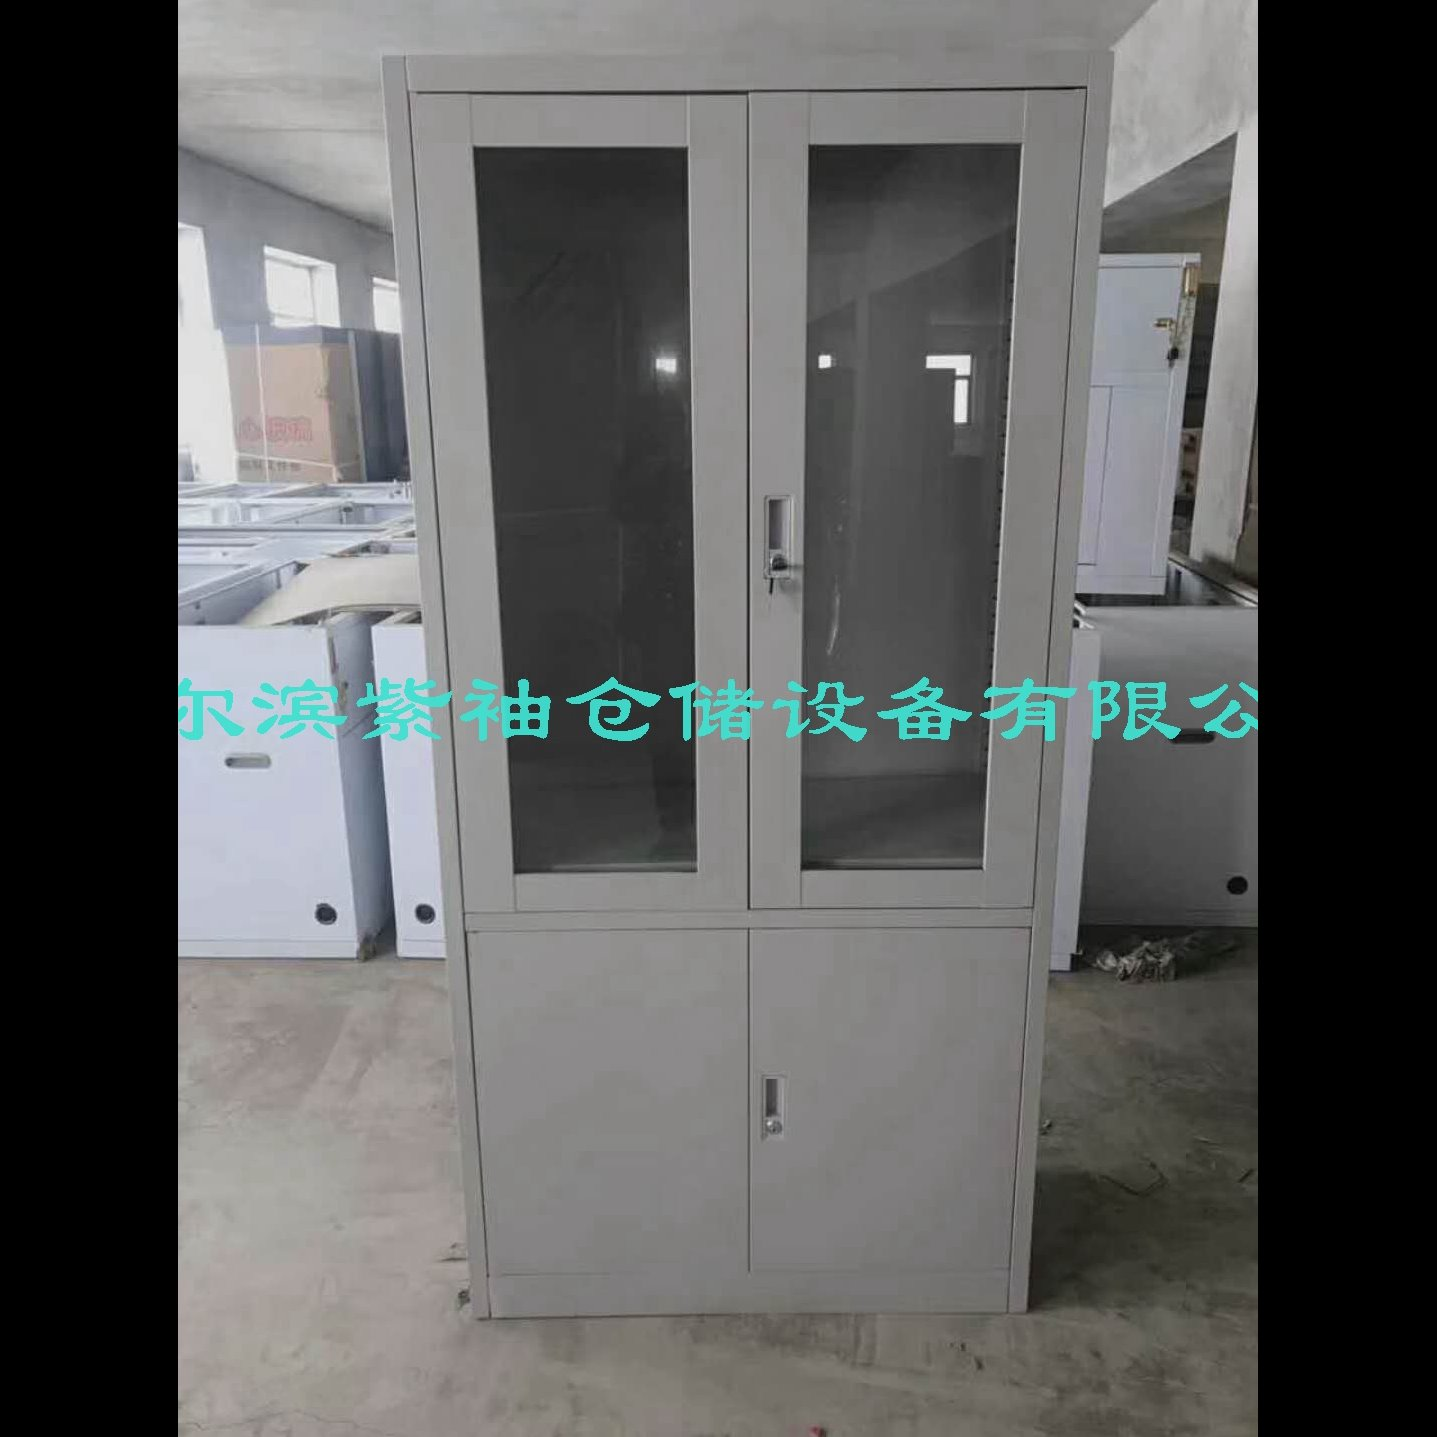 黑龙江省哈尔滨市仓储设备文件柜、更衣柜、财务柜、铁皮柜、柜子生产厂家零售批发